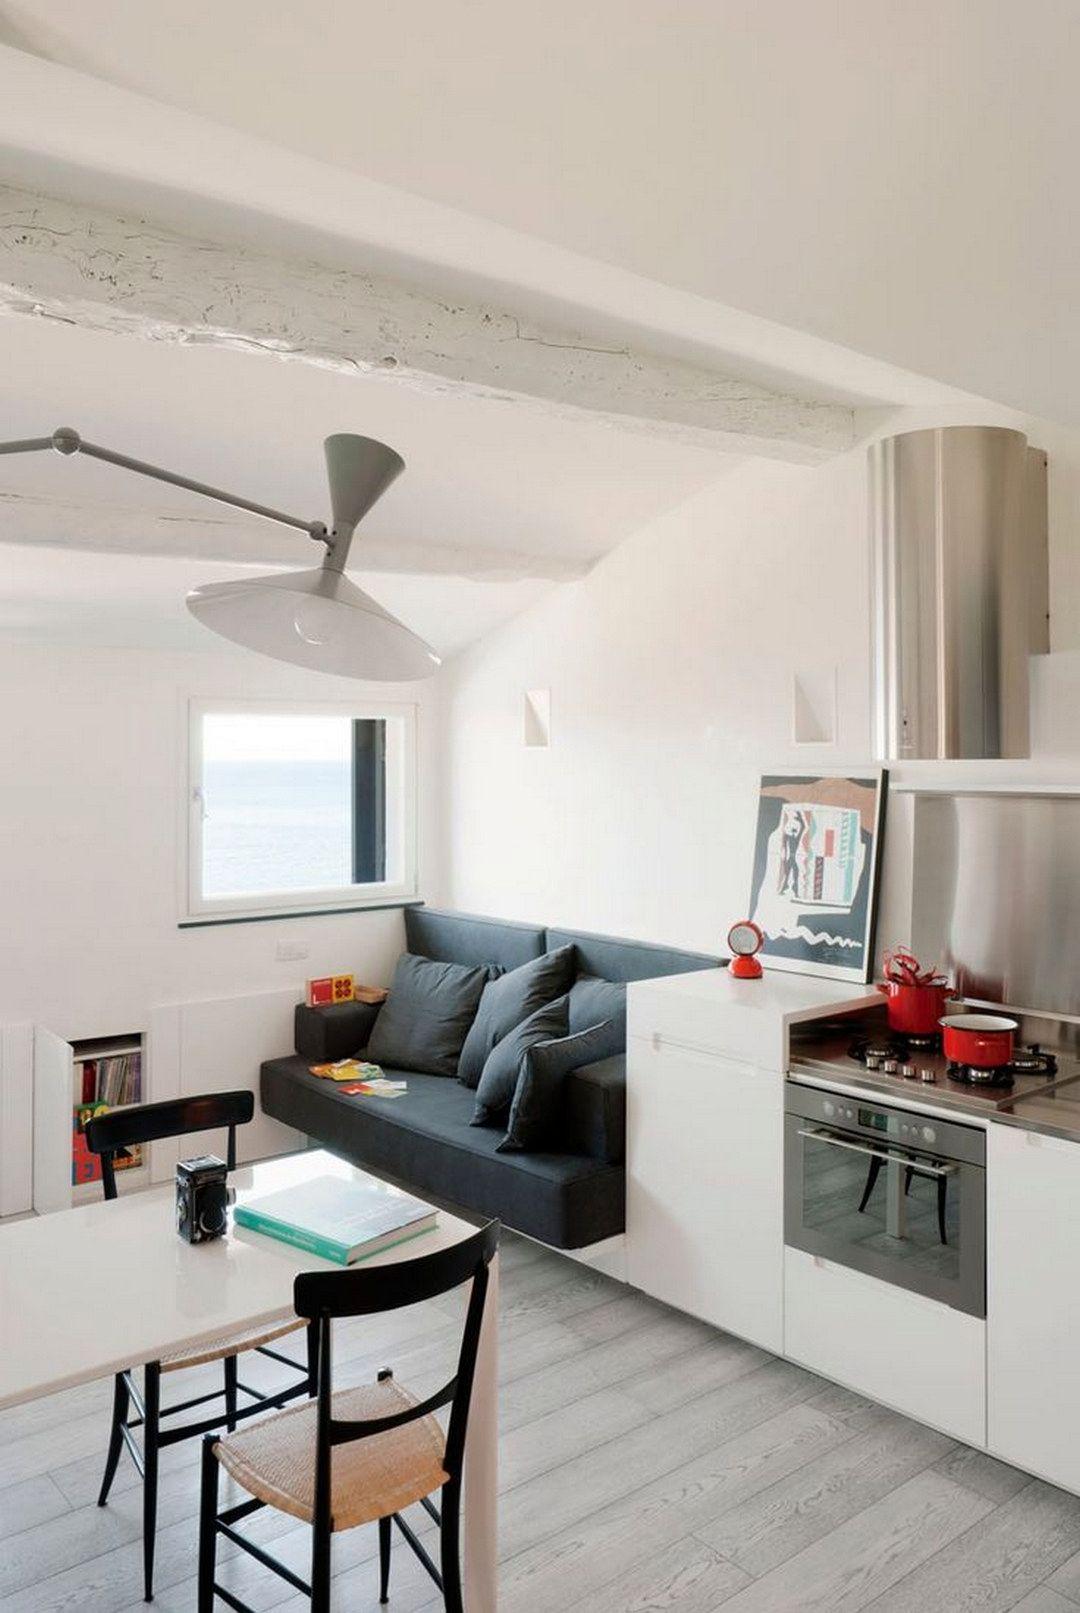 9 minimalist living room decoration tips design. Black Bedroom Furniture Sets. Home Design Ideas